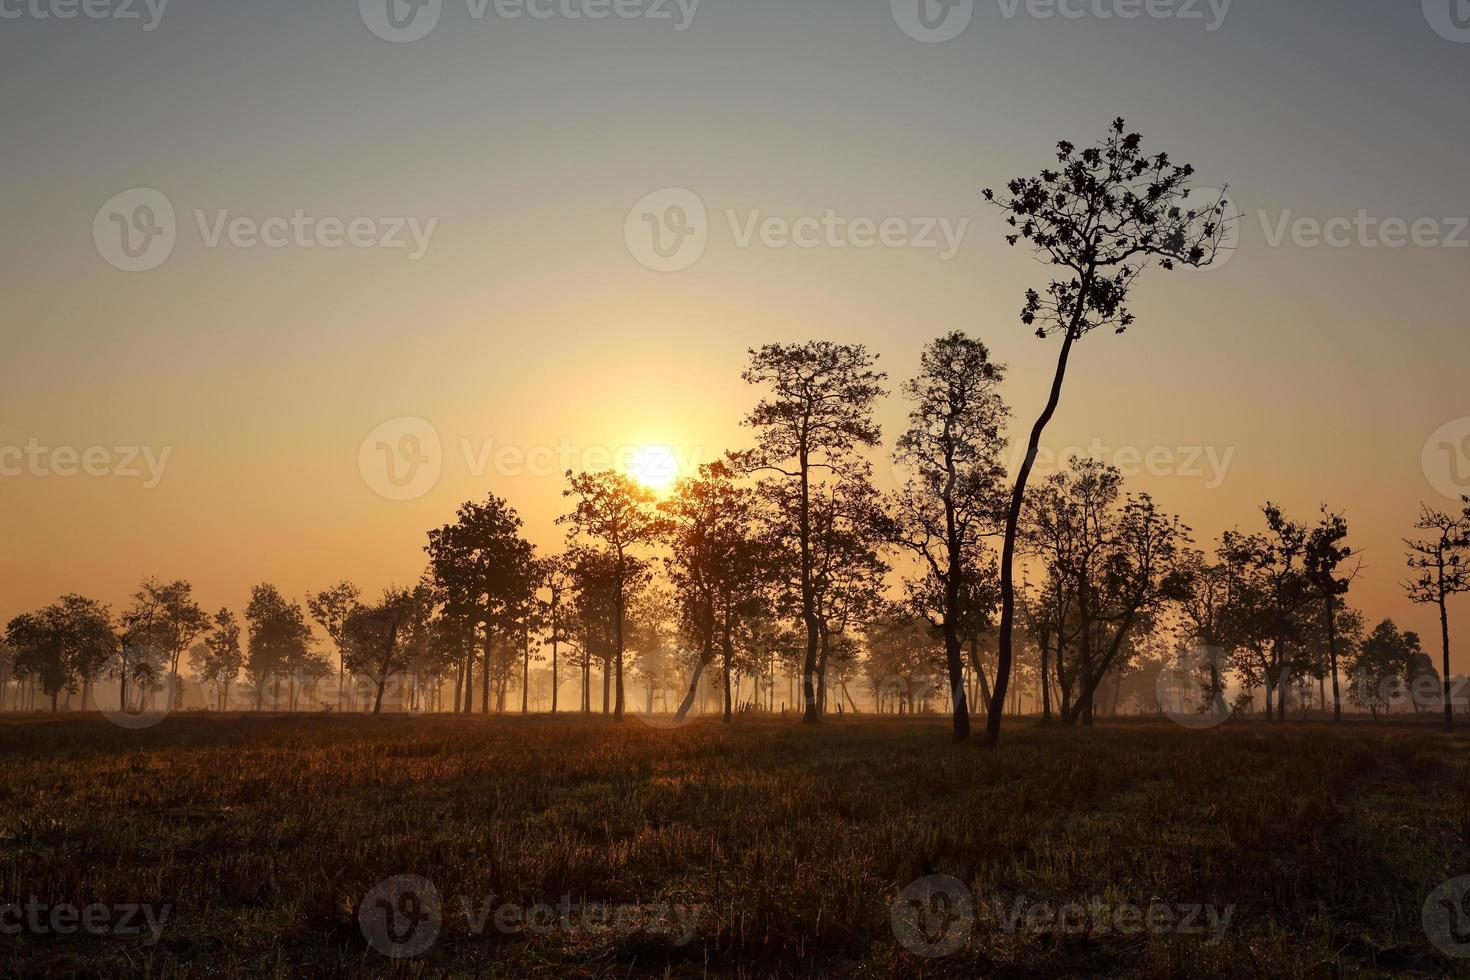 landschap in het ochtendlicht foto